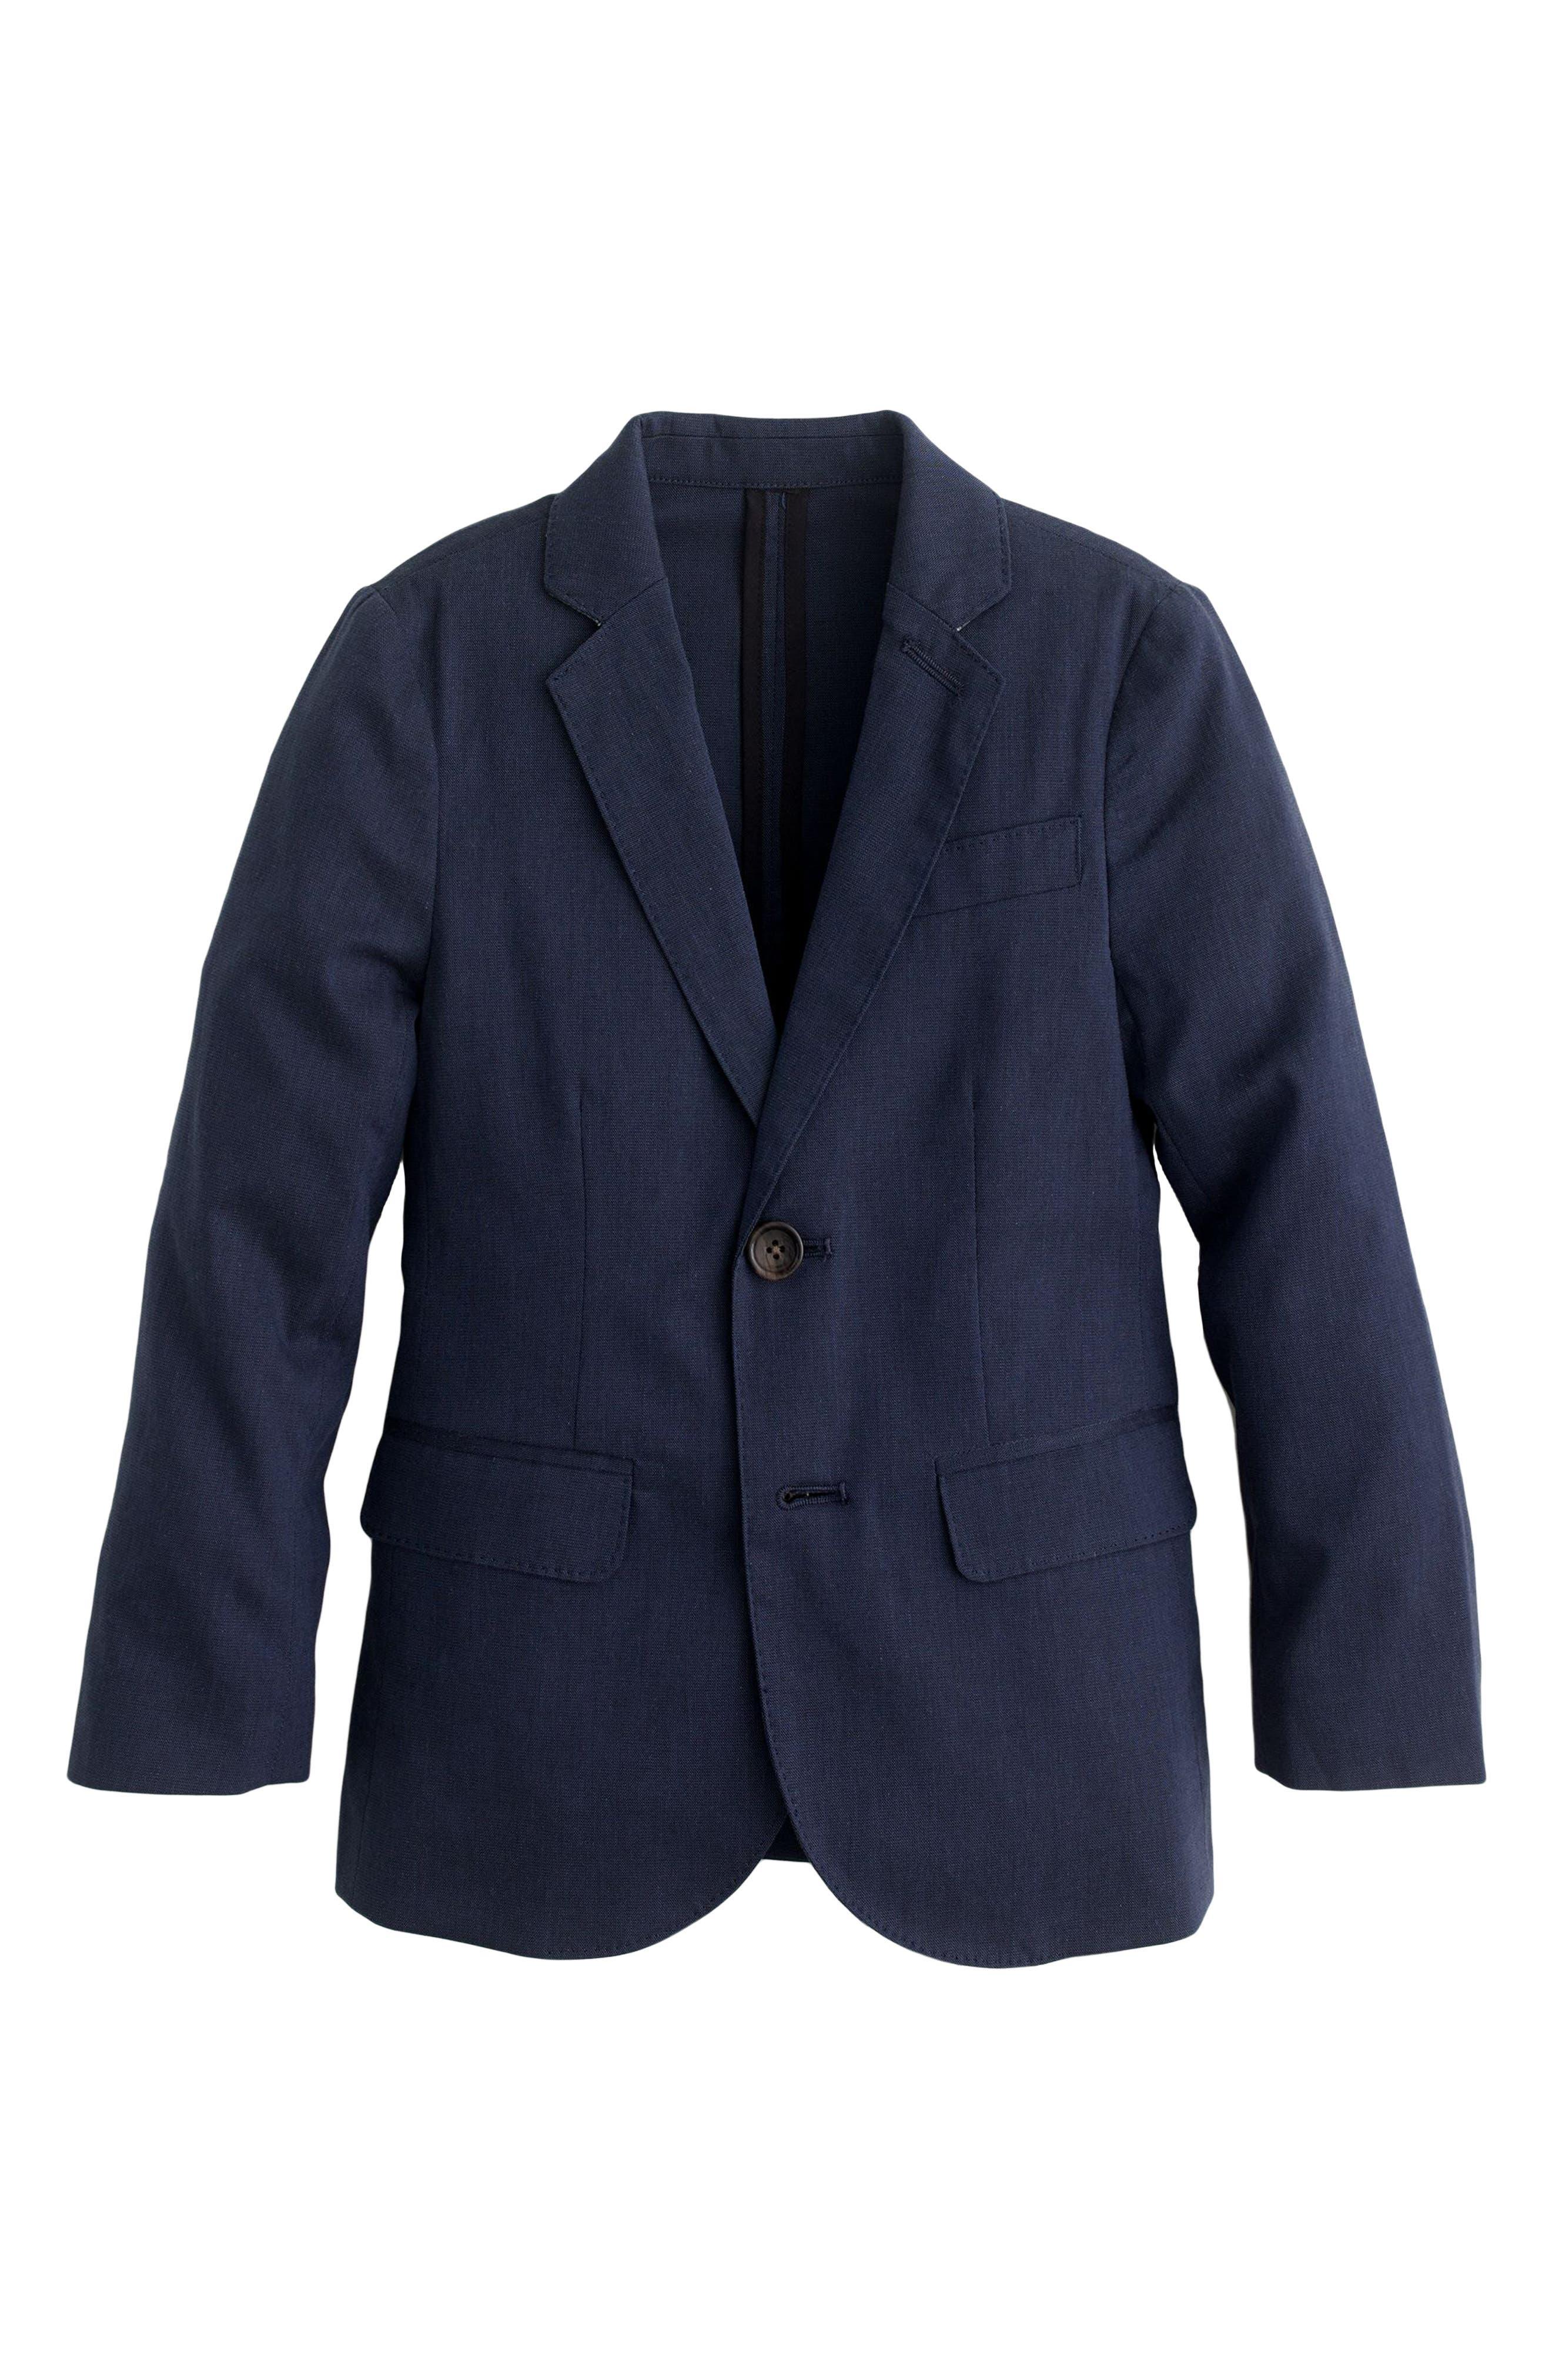 Ludlow Unstructured Suit Jacket,                         Main,                         color, 400